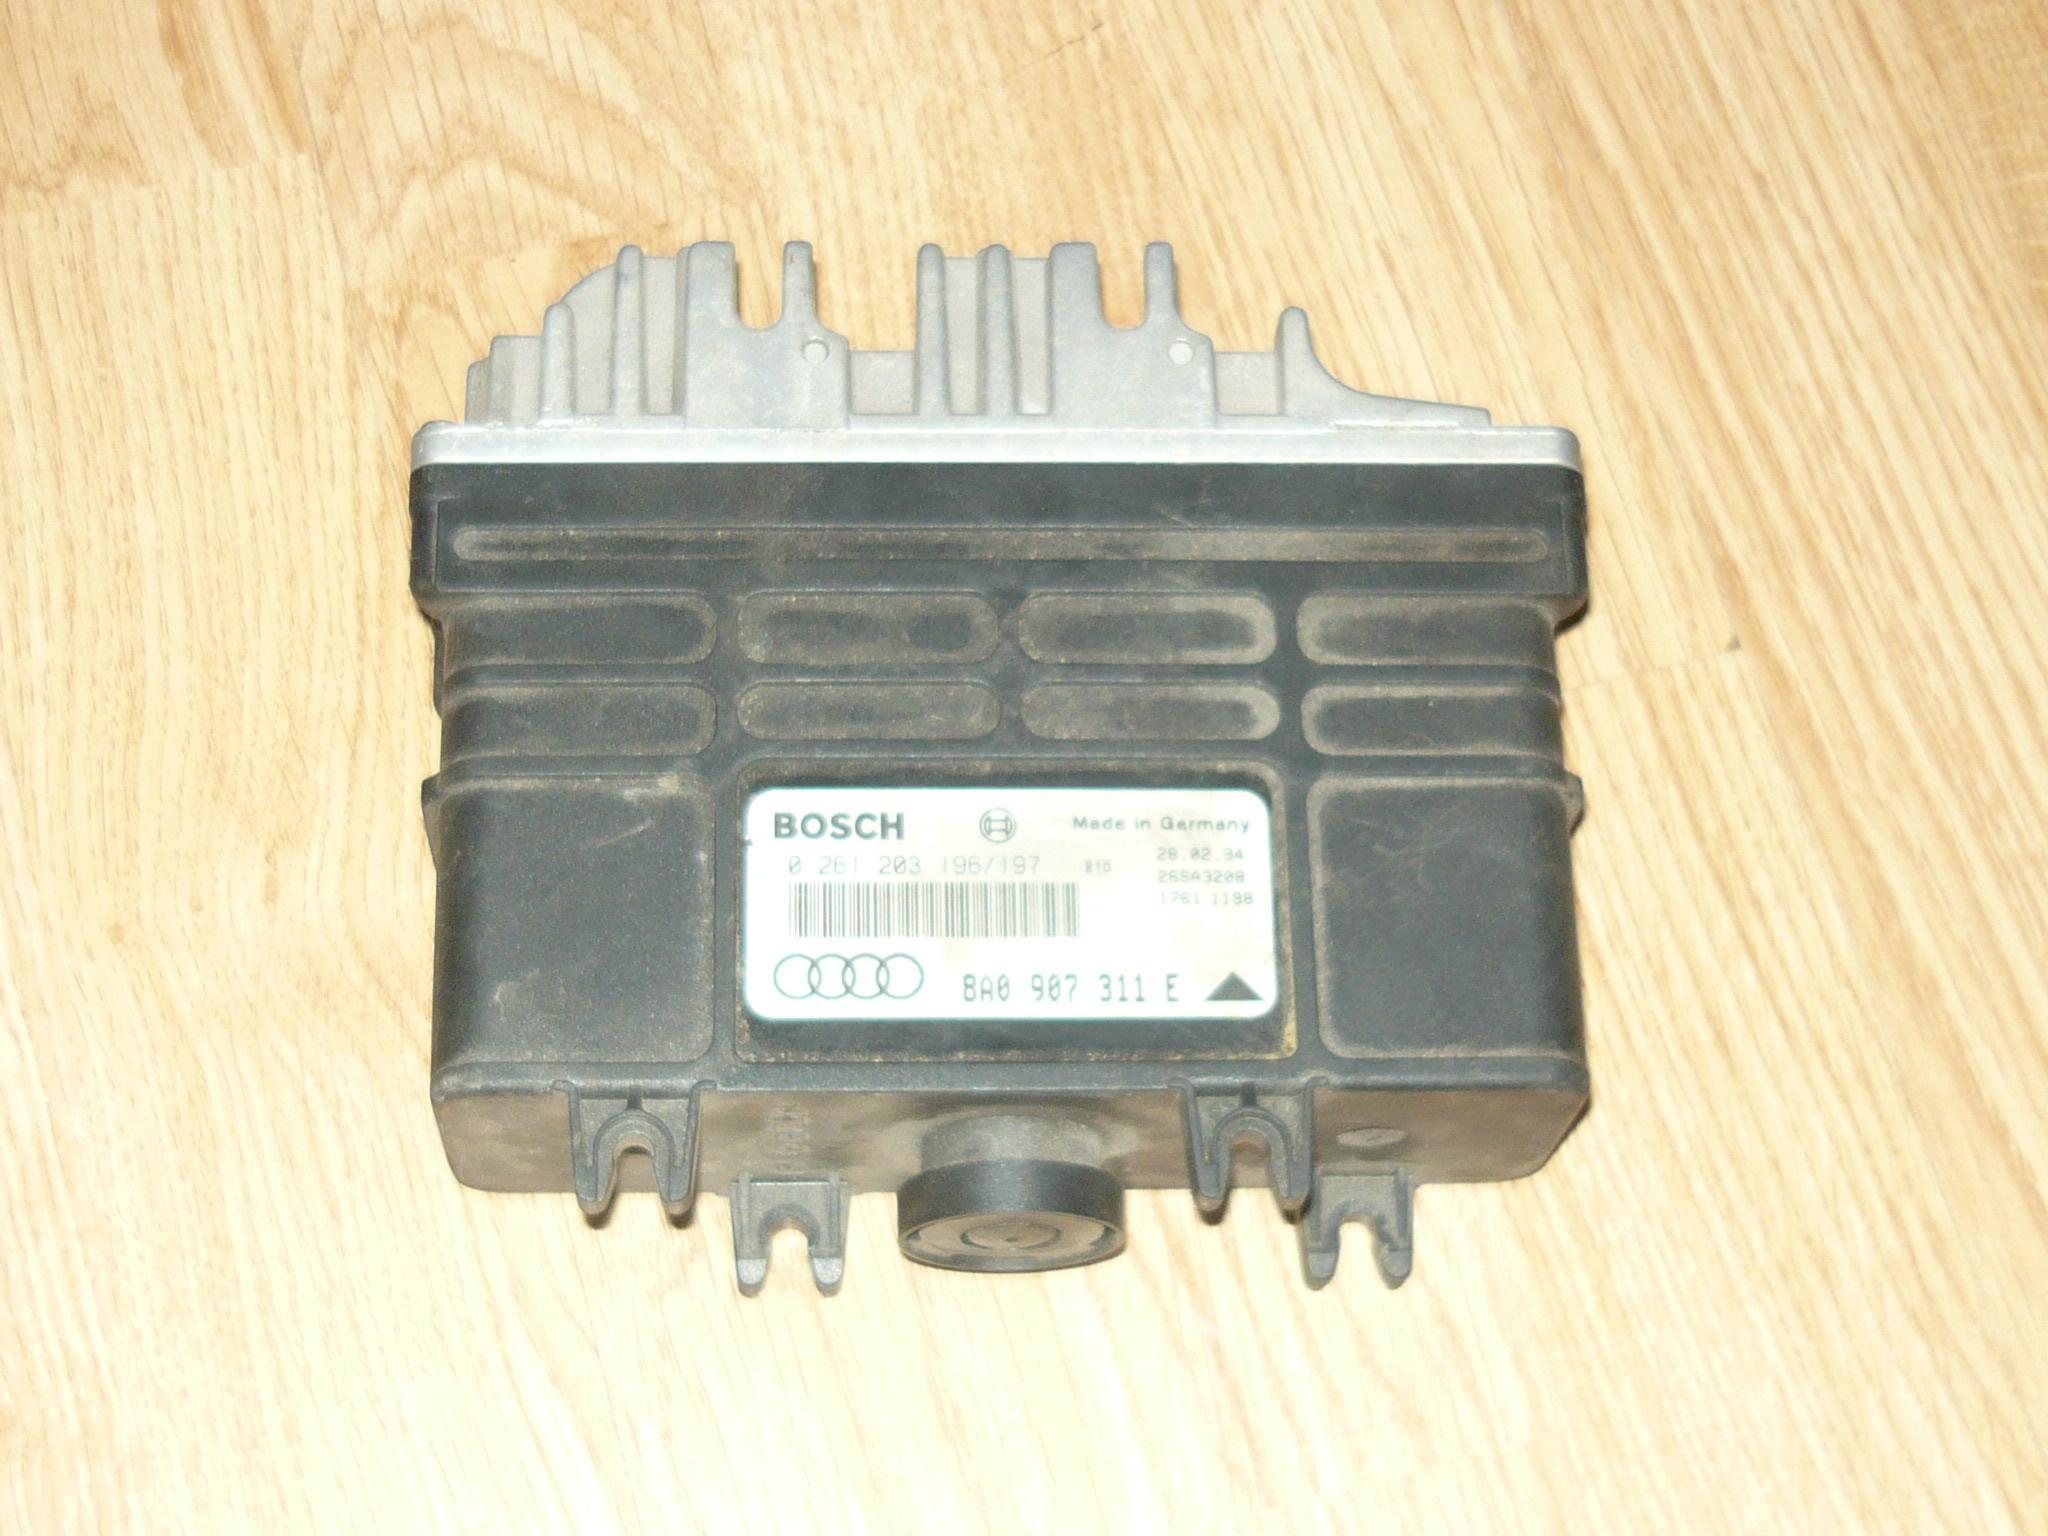 Audi a4 B5 - Opis pin�w do sterownika silnika audi a4 B5 8A0 907 311 E Bosch